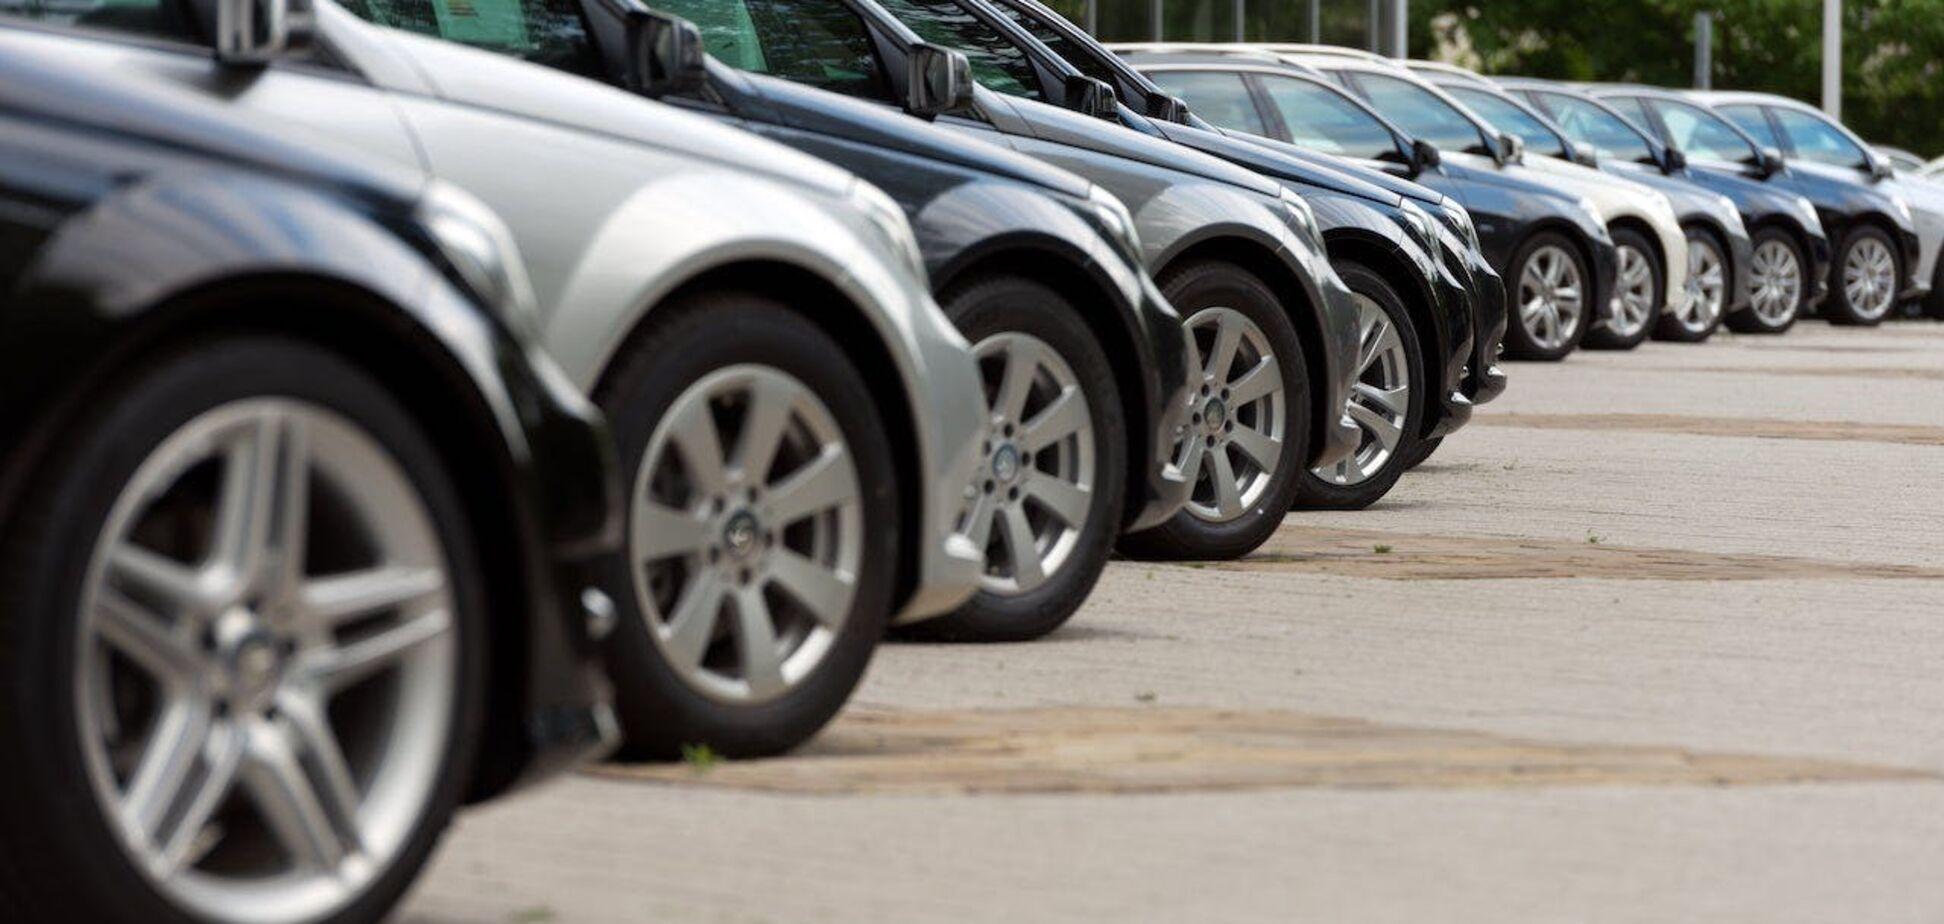 Українські експерти назвали найнадійніші вживані авто і вказали на їхні недоліки